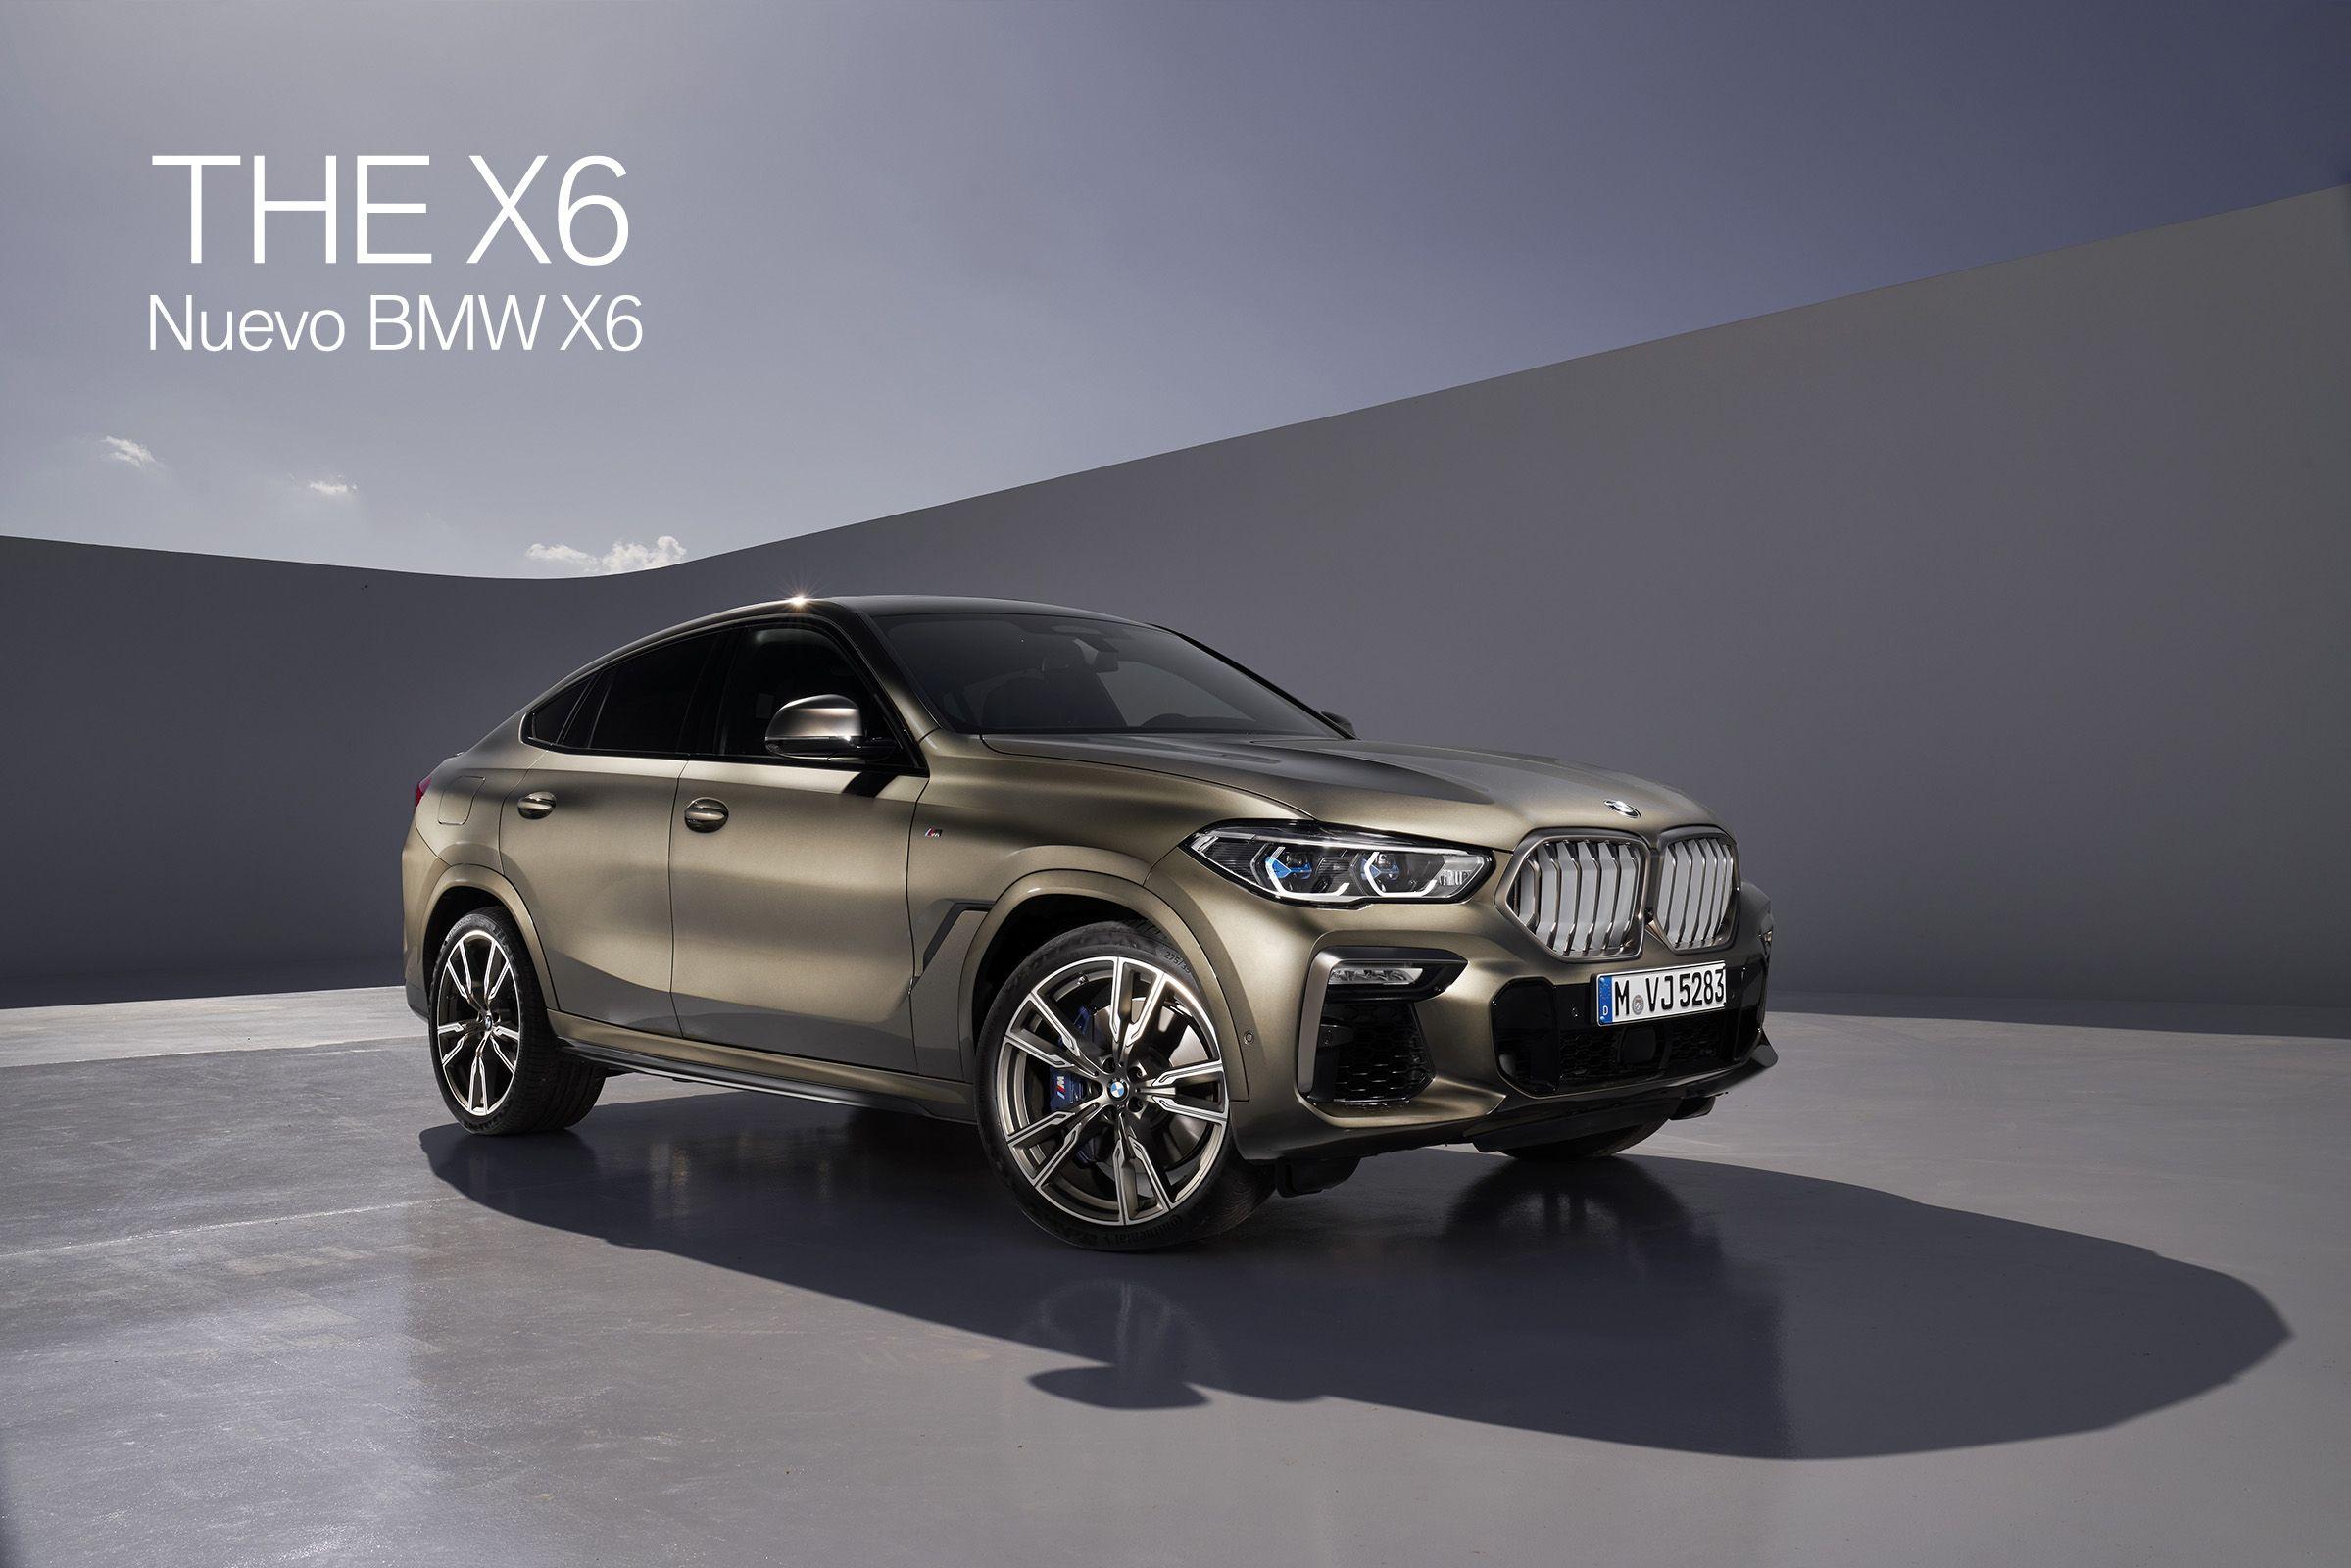 Nuevo BMW X6 - Provocador, expresivo y superior